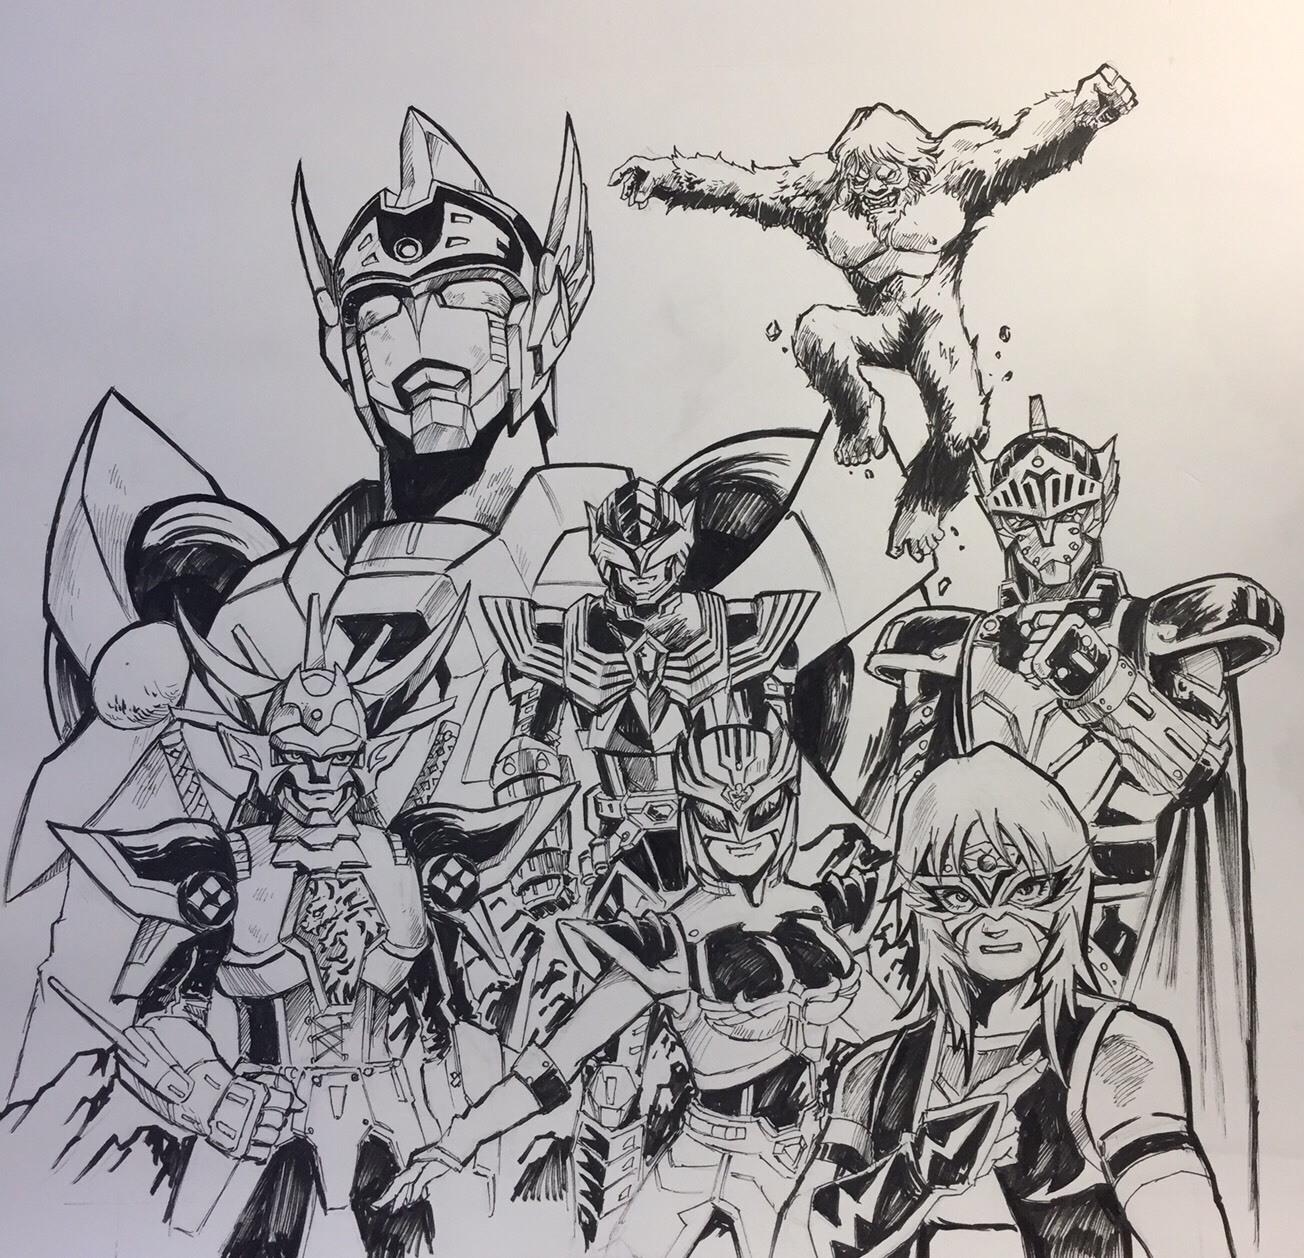 (※左上から時計回りに)グリッドマンシグマ 、『超星神グランセイザー』インパクターロギア、ビッグフット、『魔神騎士ジャック☆ガイスト』、プロレスラー・ブリザードYuki、『仮面天使ロゼッタ』、『鎧伝サムライトルーパー』輝煌帝烈火  イラスト提供=岡本英郎